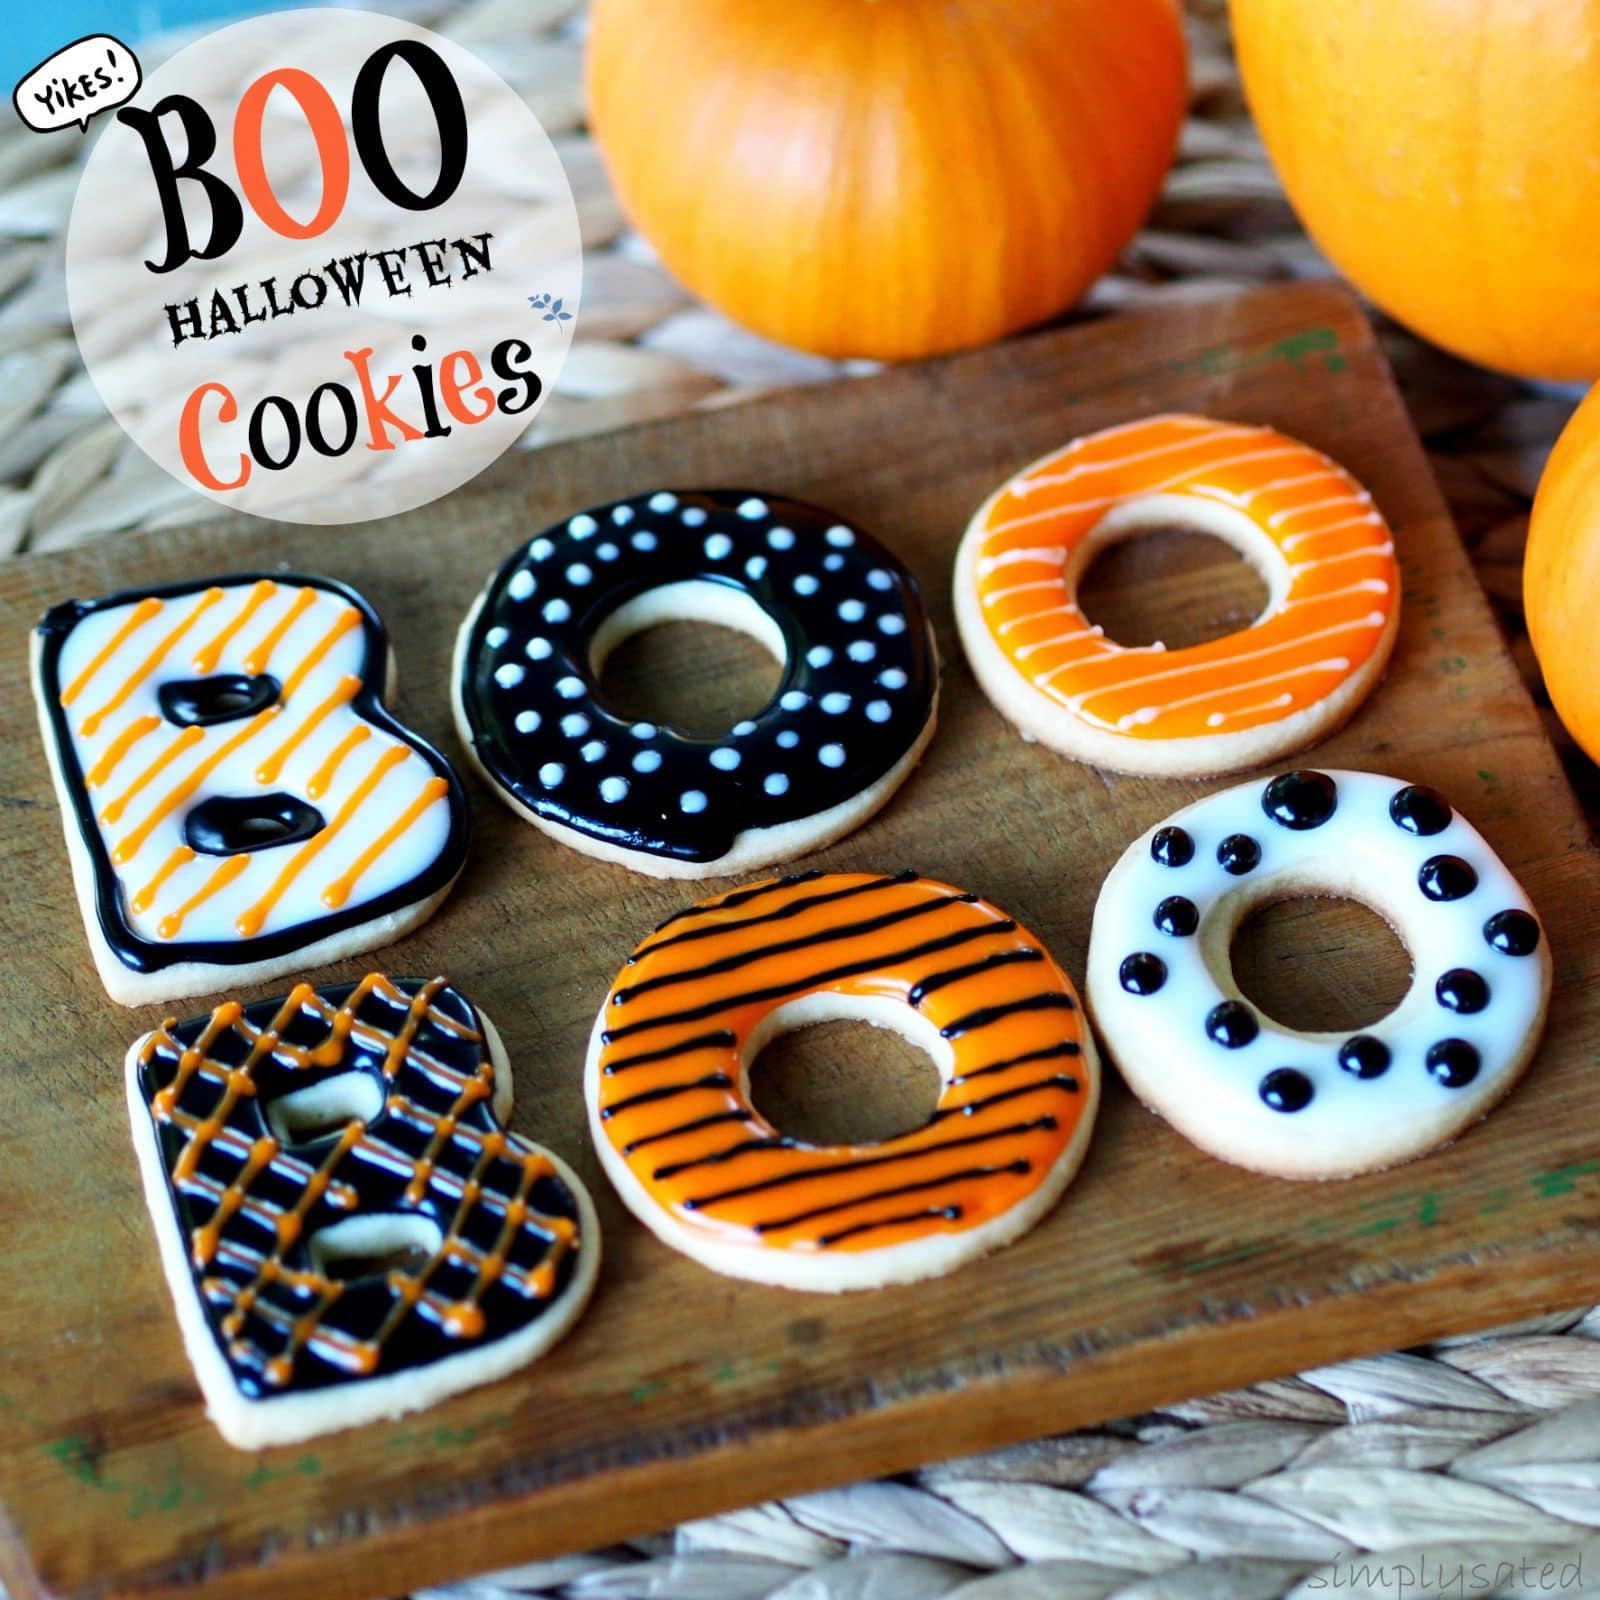 Halloween Cookies Walmart  BOO Halloween Cookies